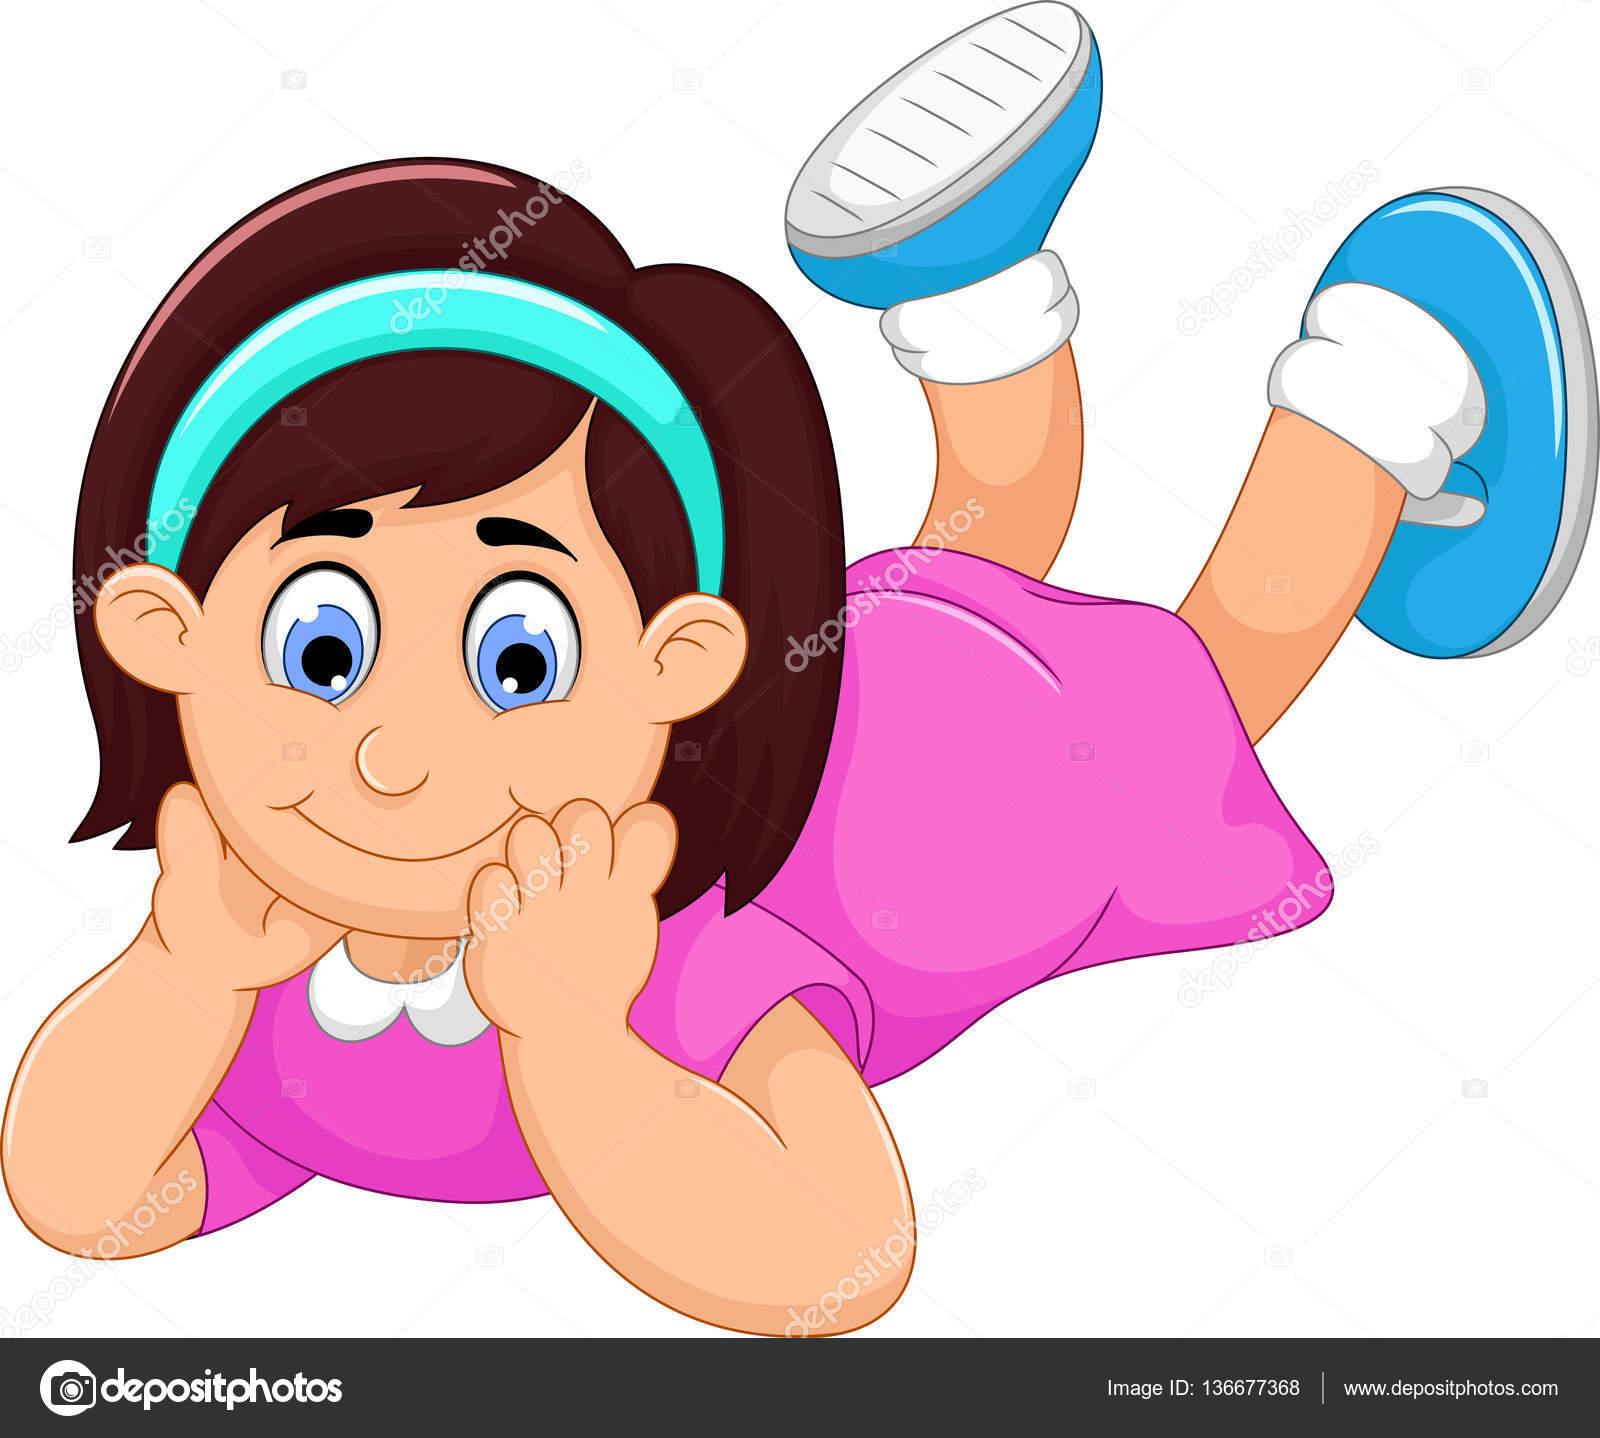 Mignonne Petite Fille Dessin Animé Sujette Photographie